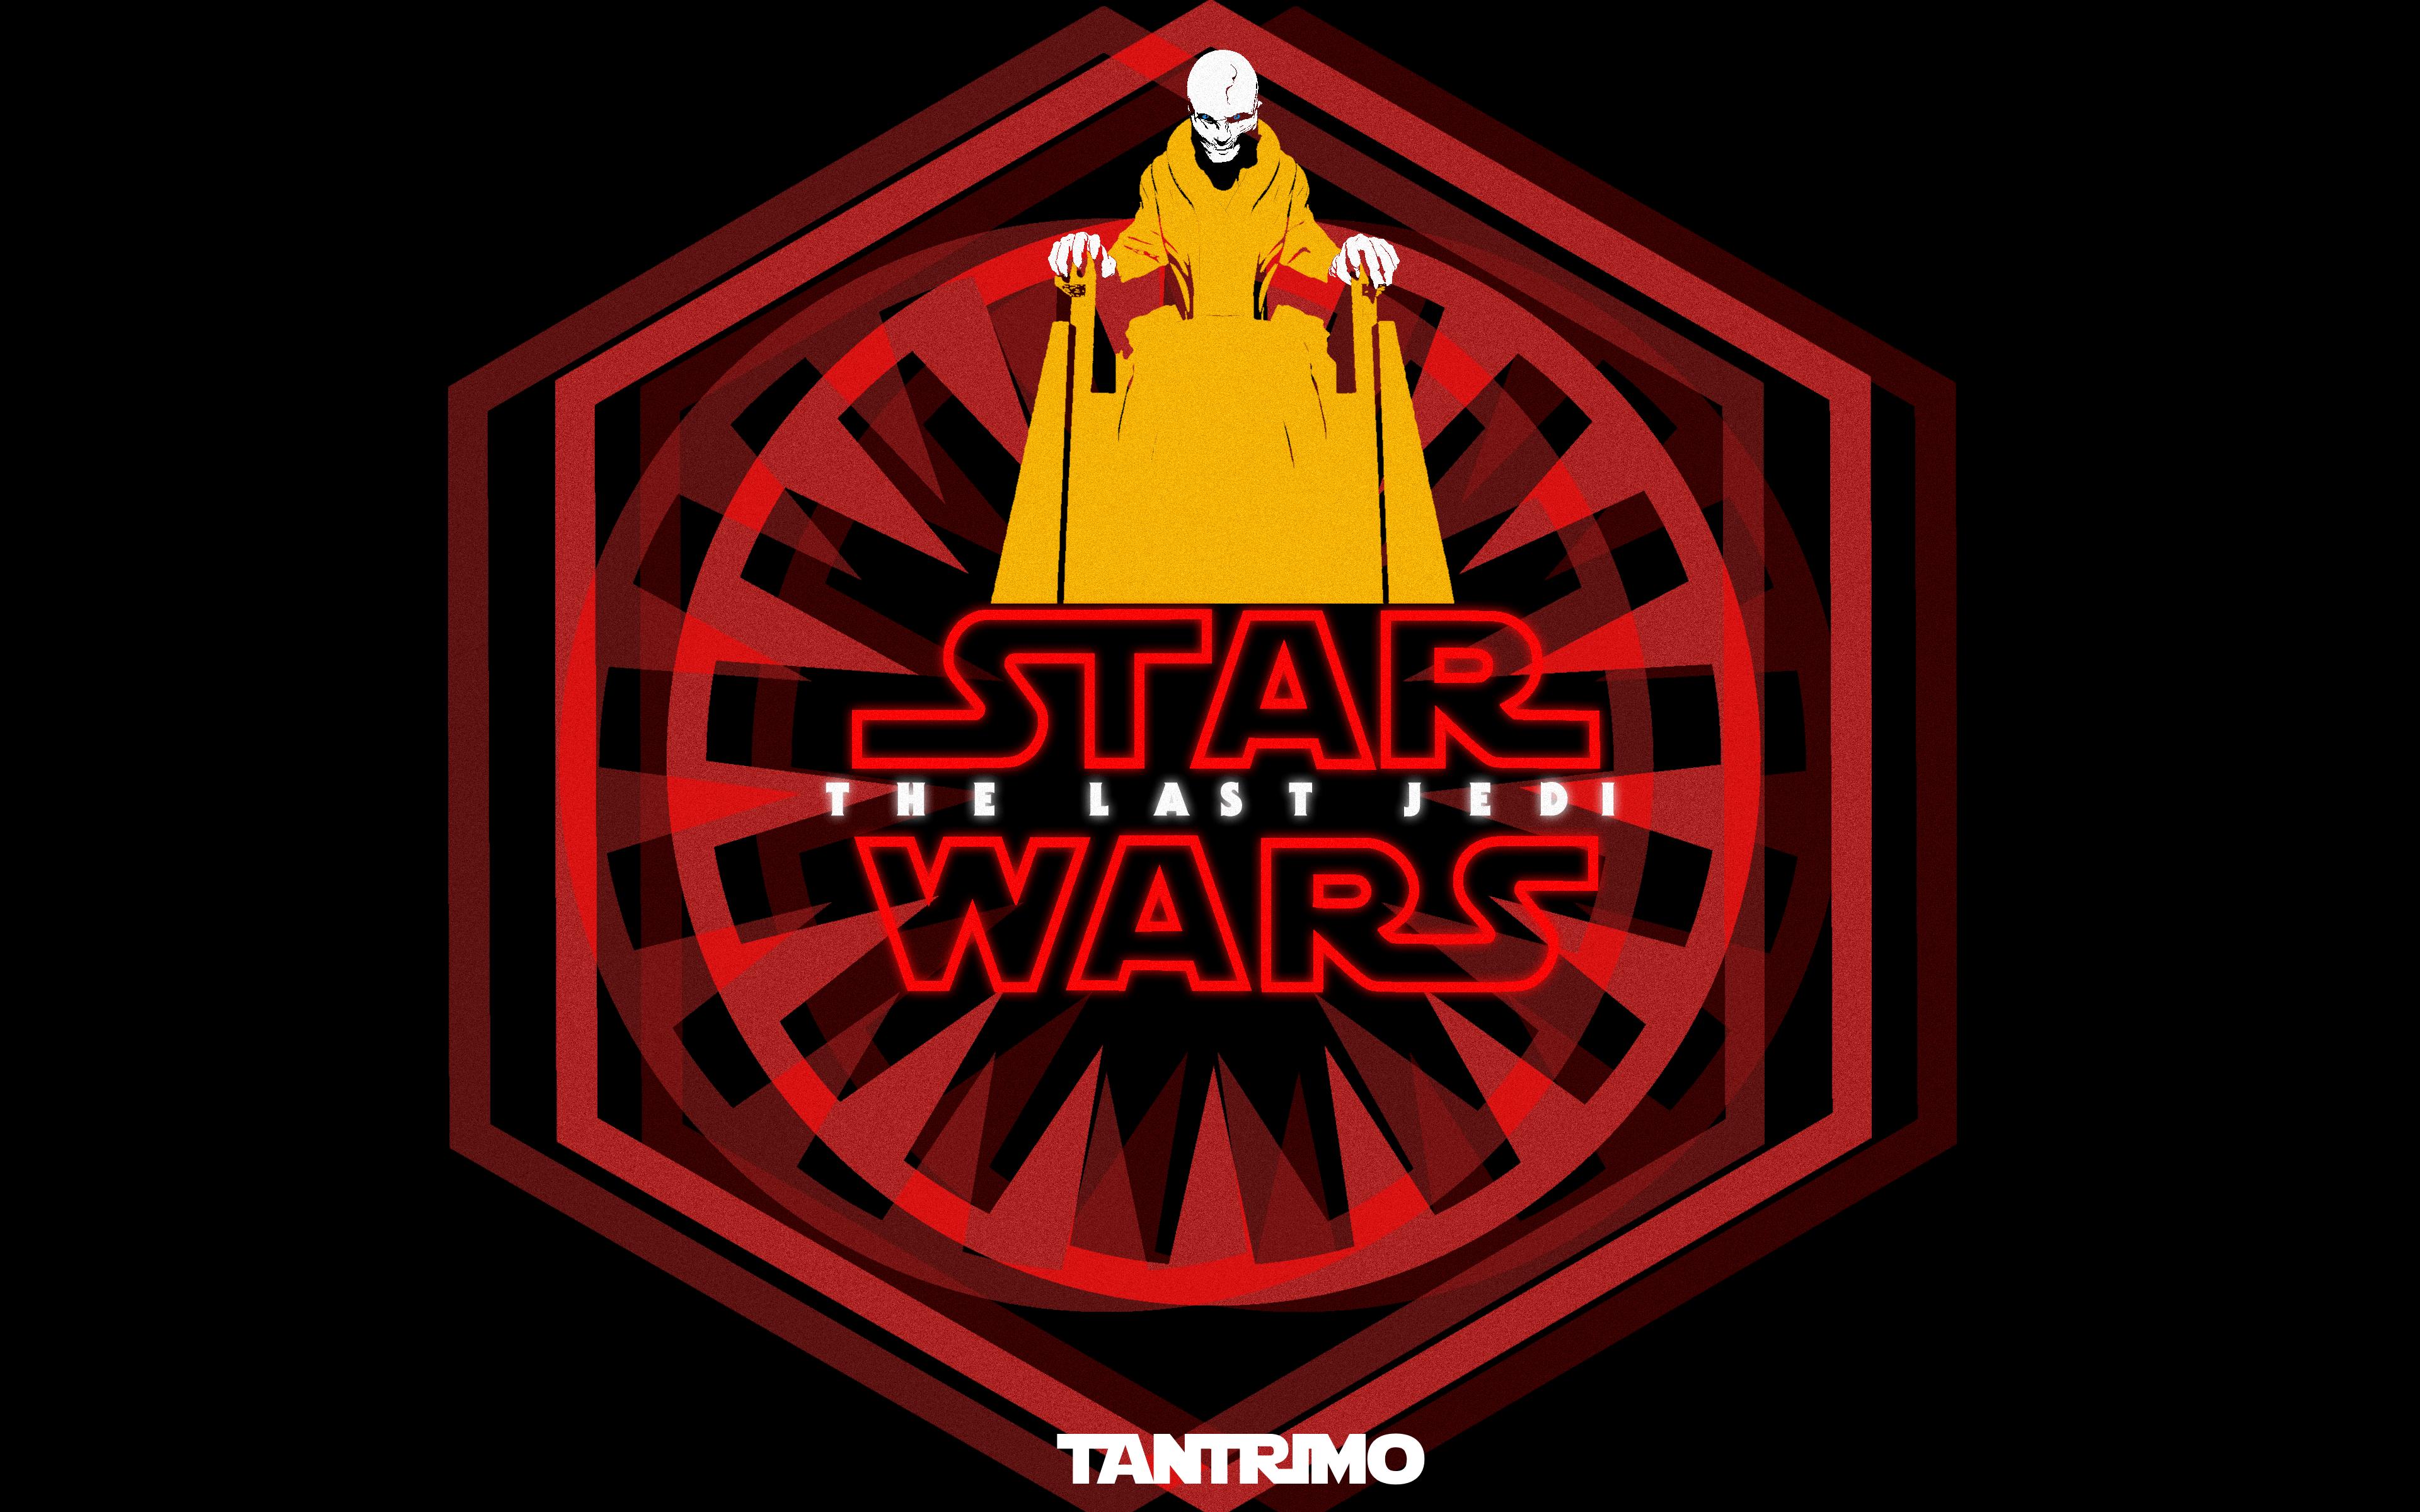 The Last Jedi Star Wars Wallpapers - Top Free The Last Jedi